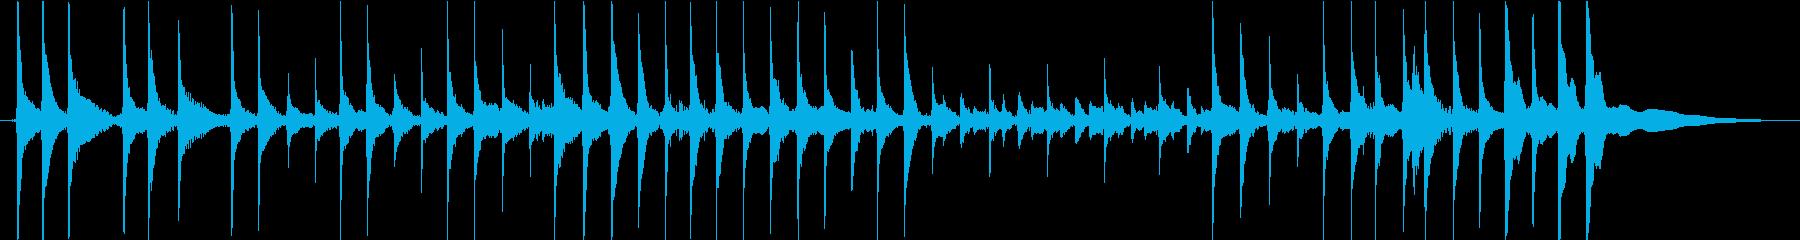 津軽三味線1(生録音15s)の再生済みの波形